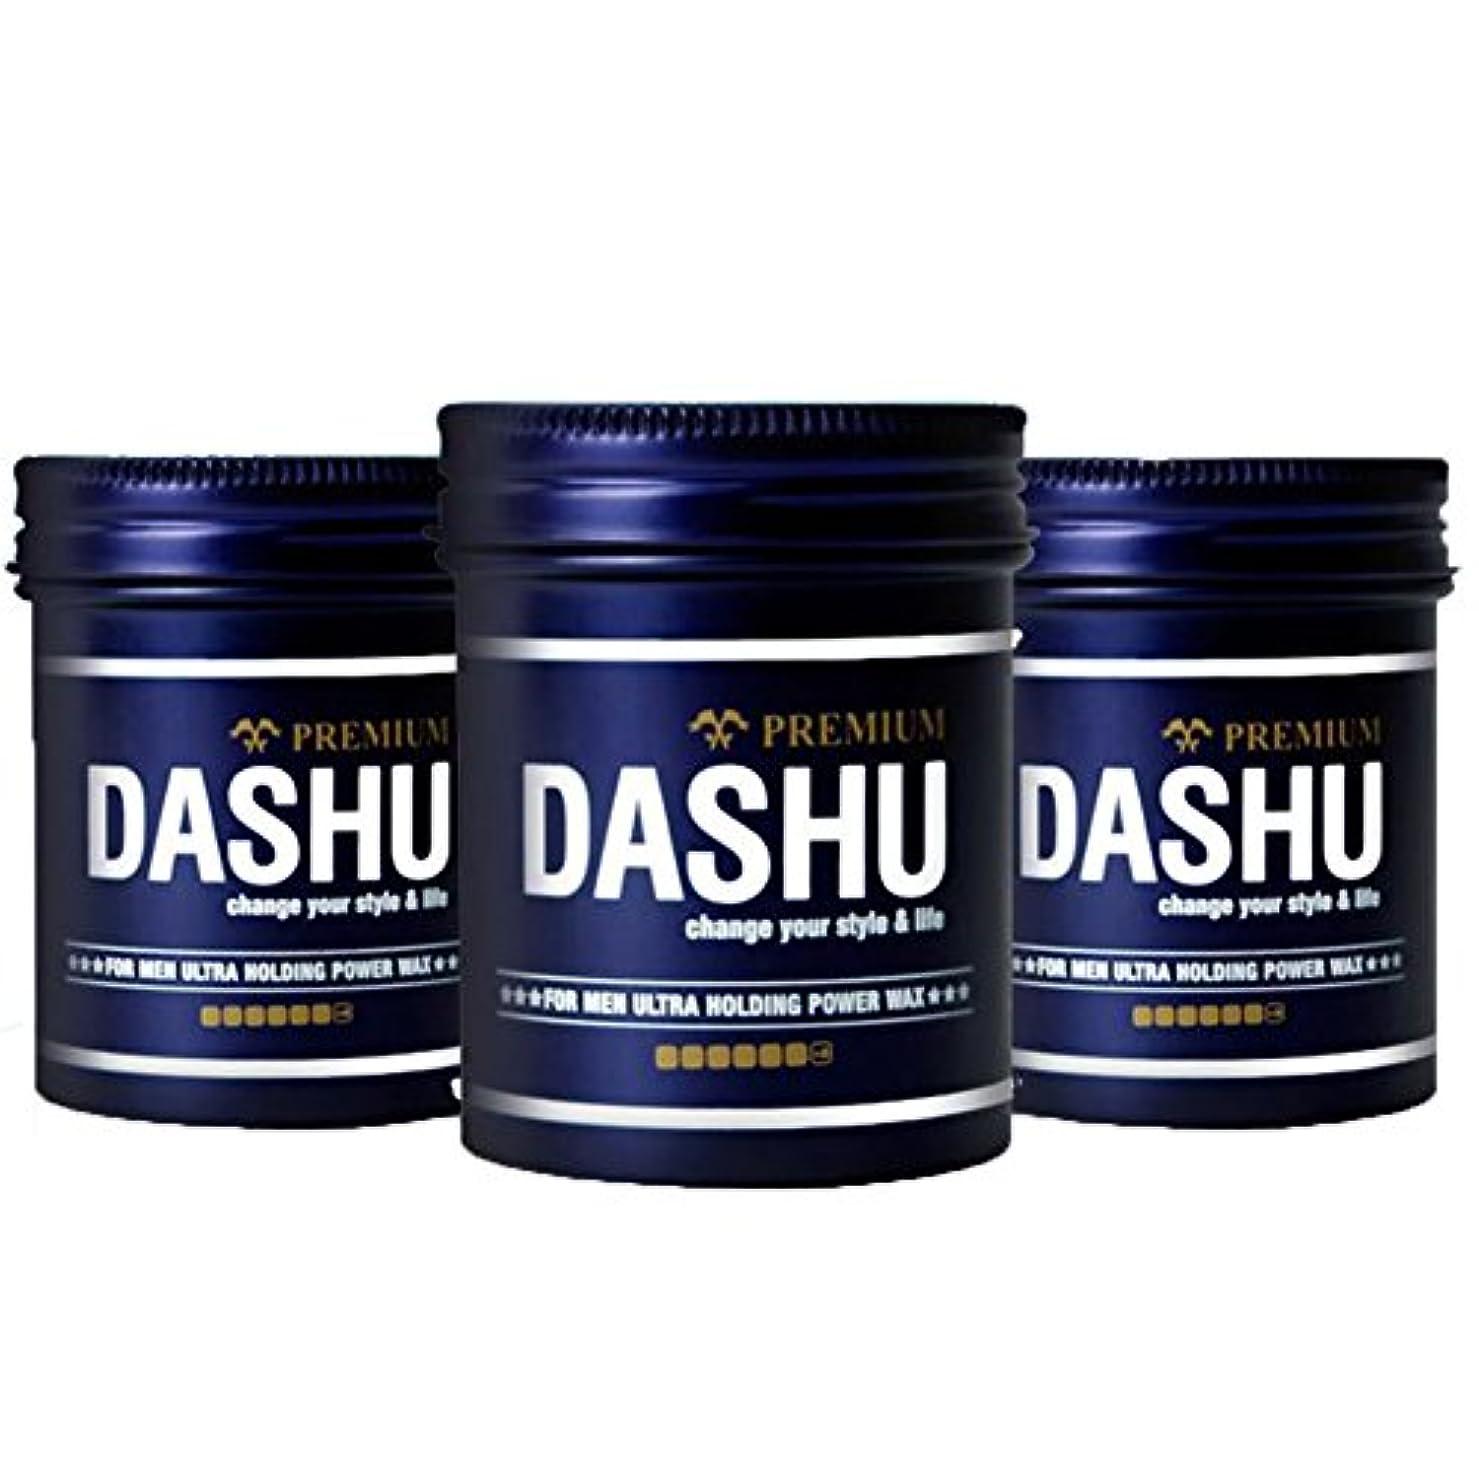 もっと少なく加速する有彩色の(3個セット) x [DASHU] ダシュ For Men男性用 プレミアムウルトラホールディングパワーワックス Premium Ultra Holding Power Hair Wax 100m l/ 韓国製 . 韓国直送品